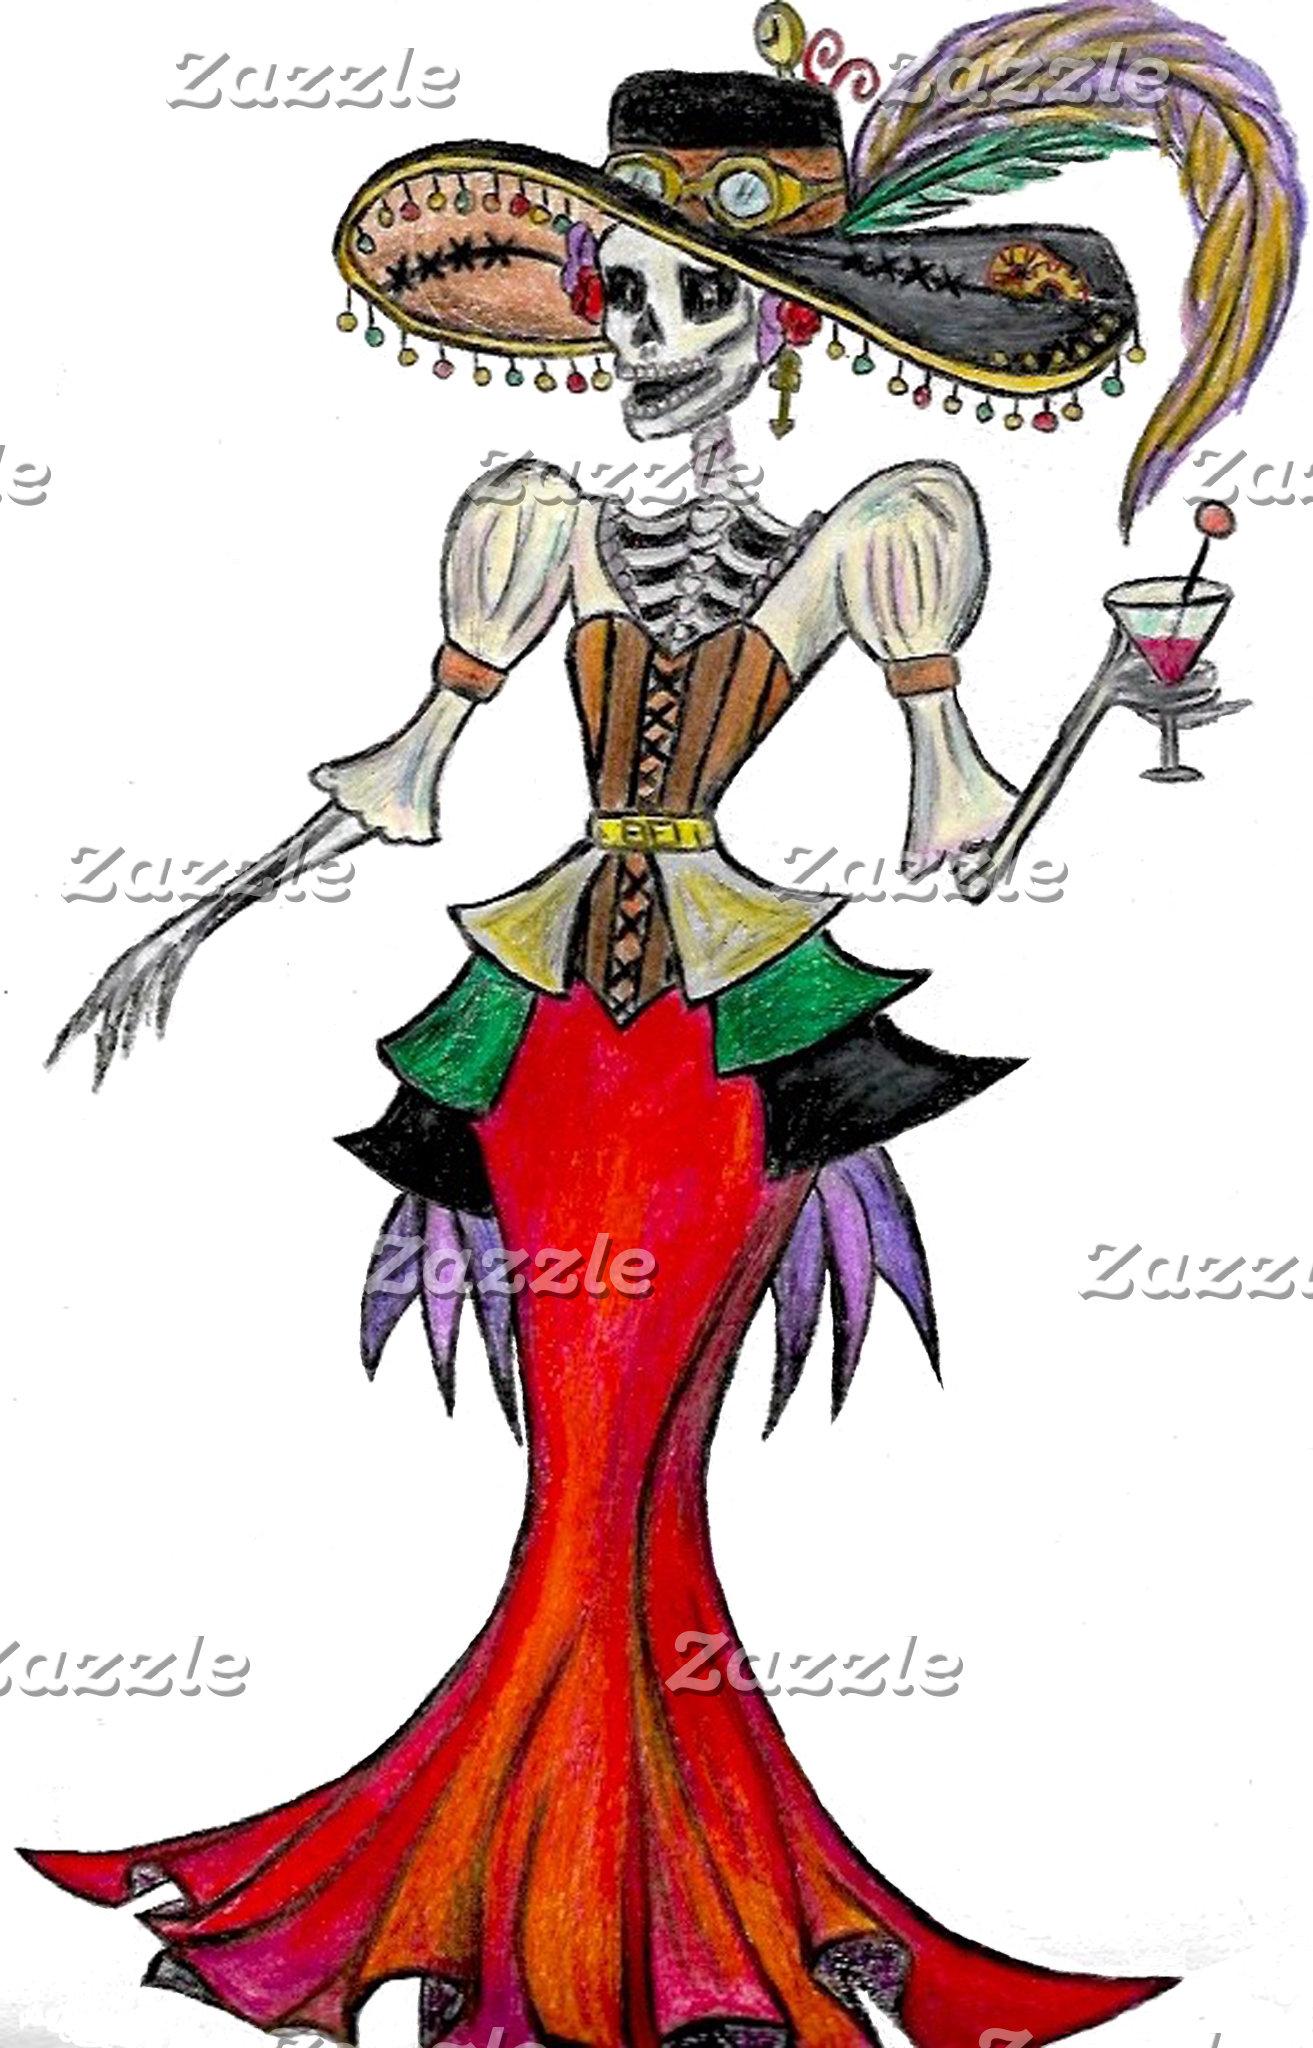 Halloween / Dia de los Muertos